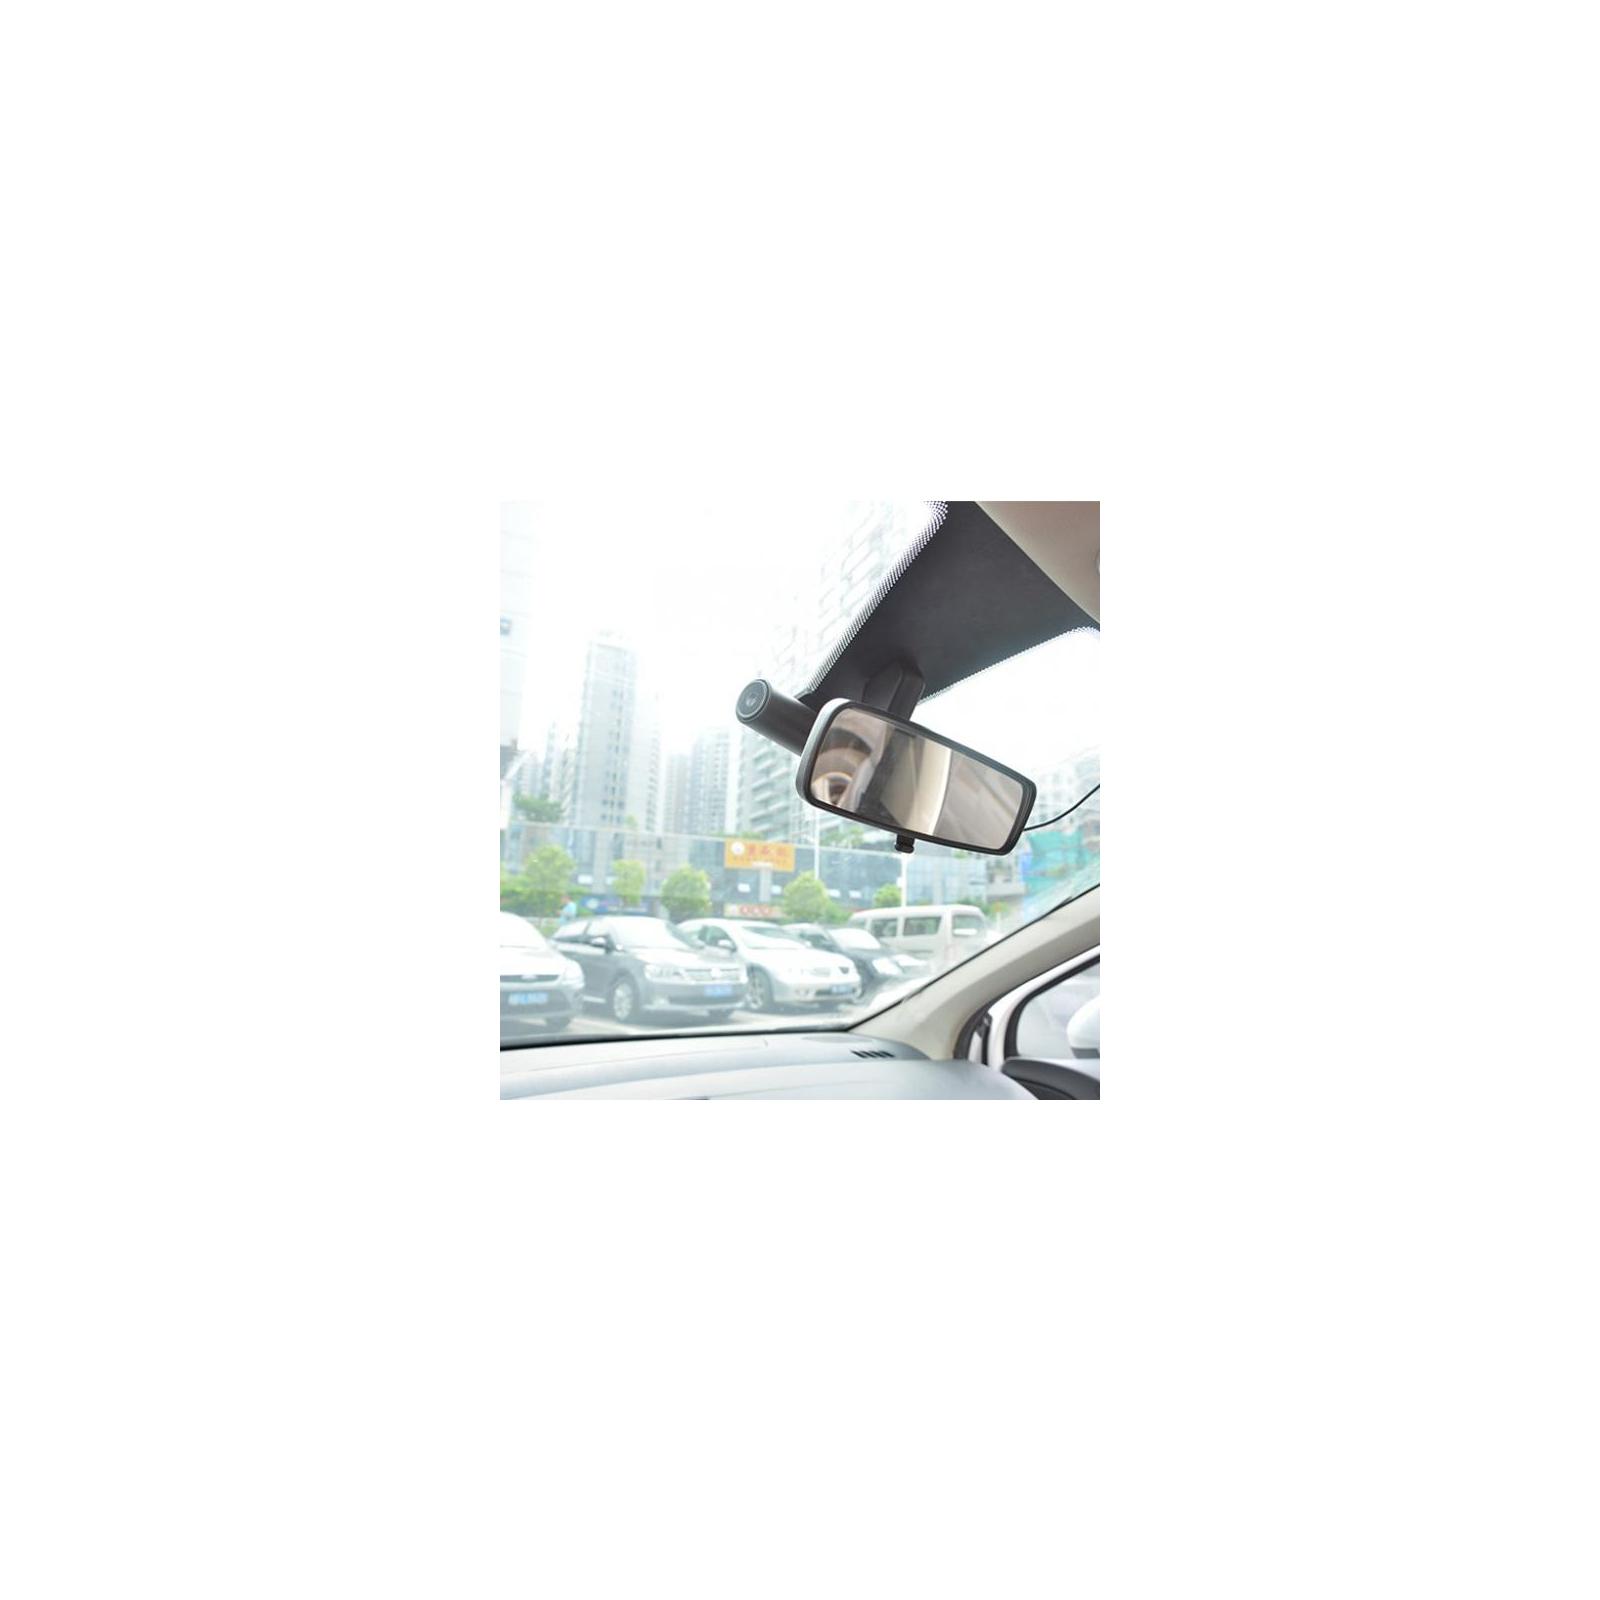 Видеорегистратор Junsun S30 изображение 5